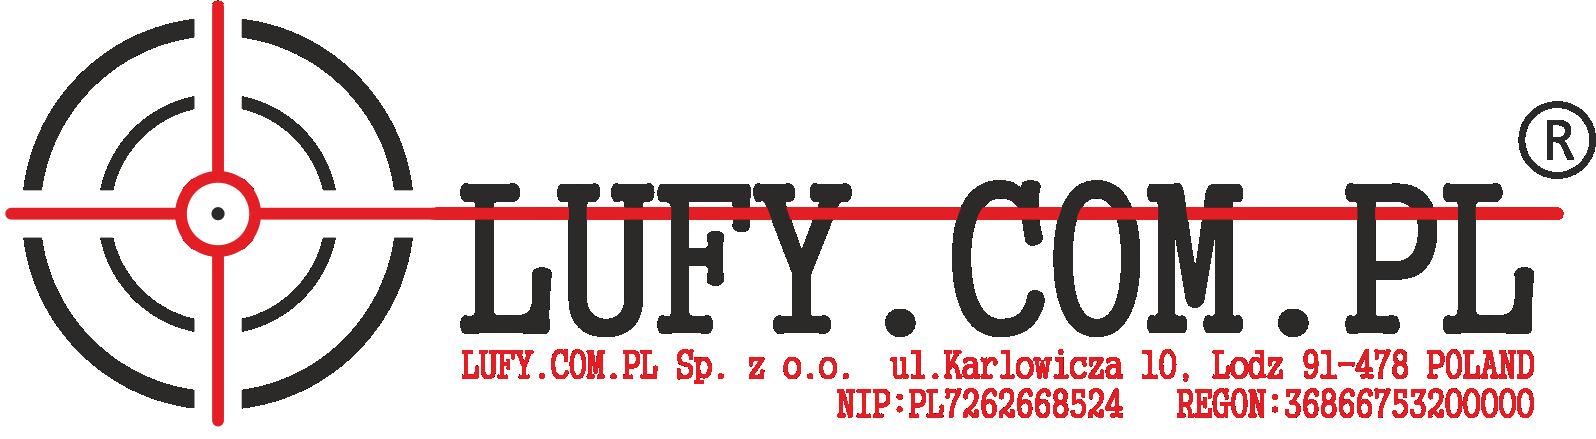 Lufy.com.pl